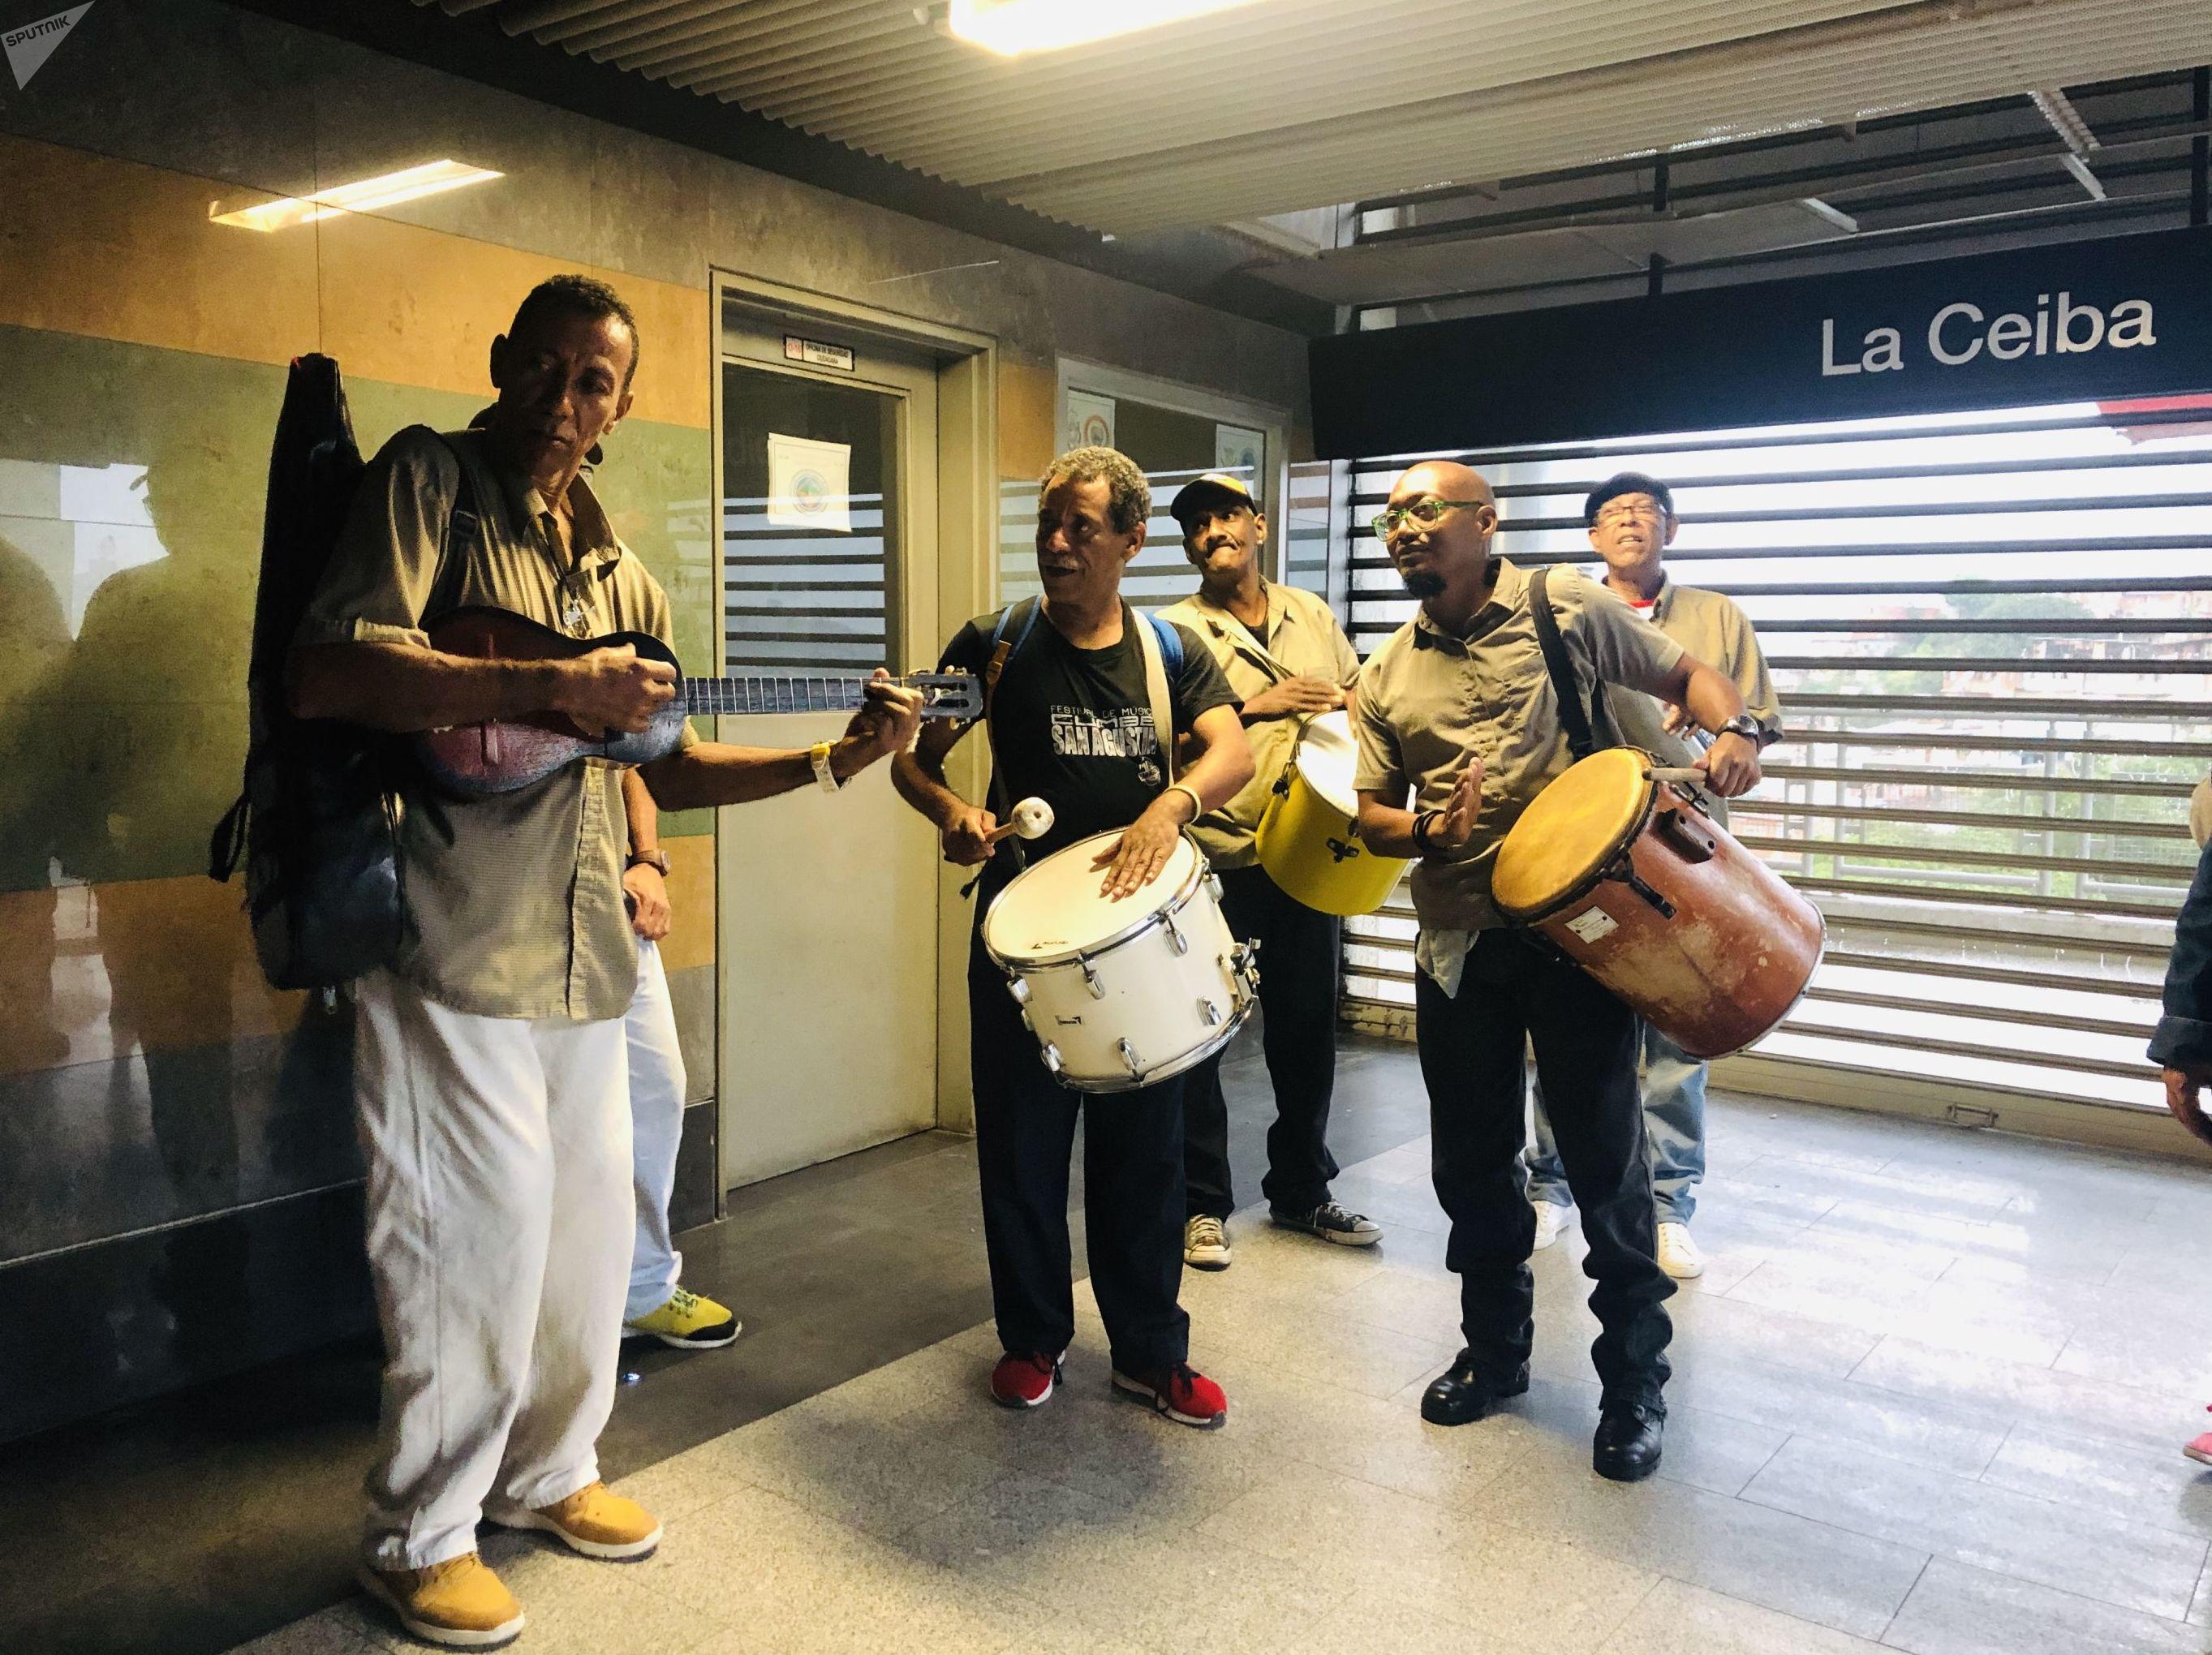 Músicos en la estación de teleférico La Ceiba, San Agustín, Caracas